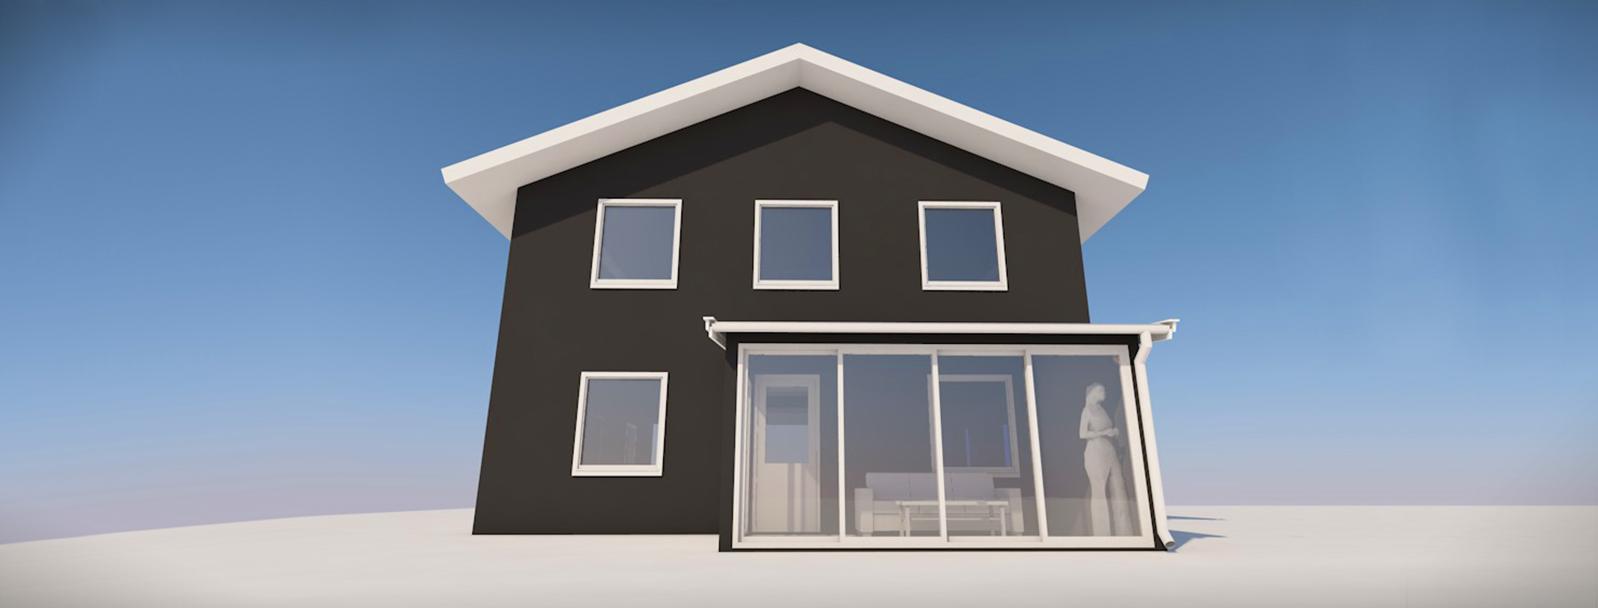 Hagestuen (tilbygget) kan ha maks et samlet bruksareal (BRA) eller bebygd areal (BYA) på 15 m2.